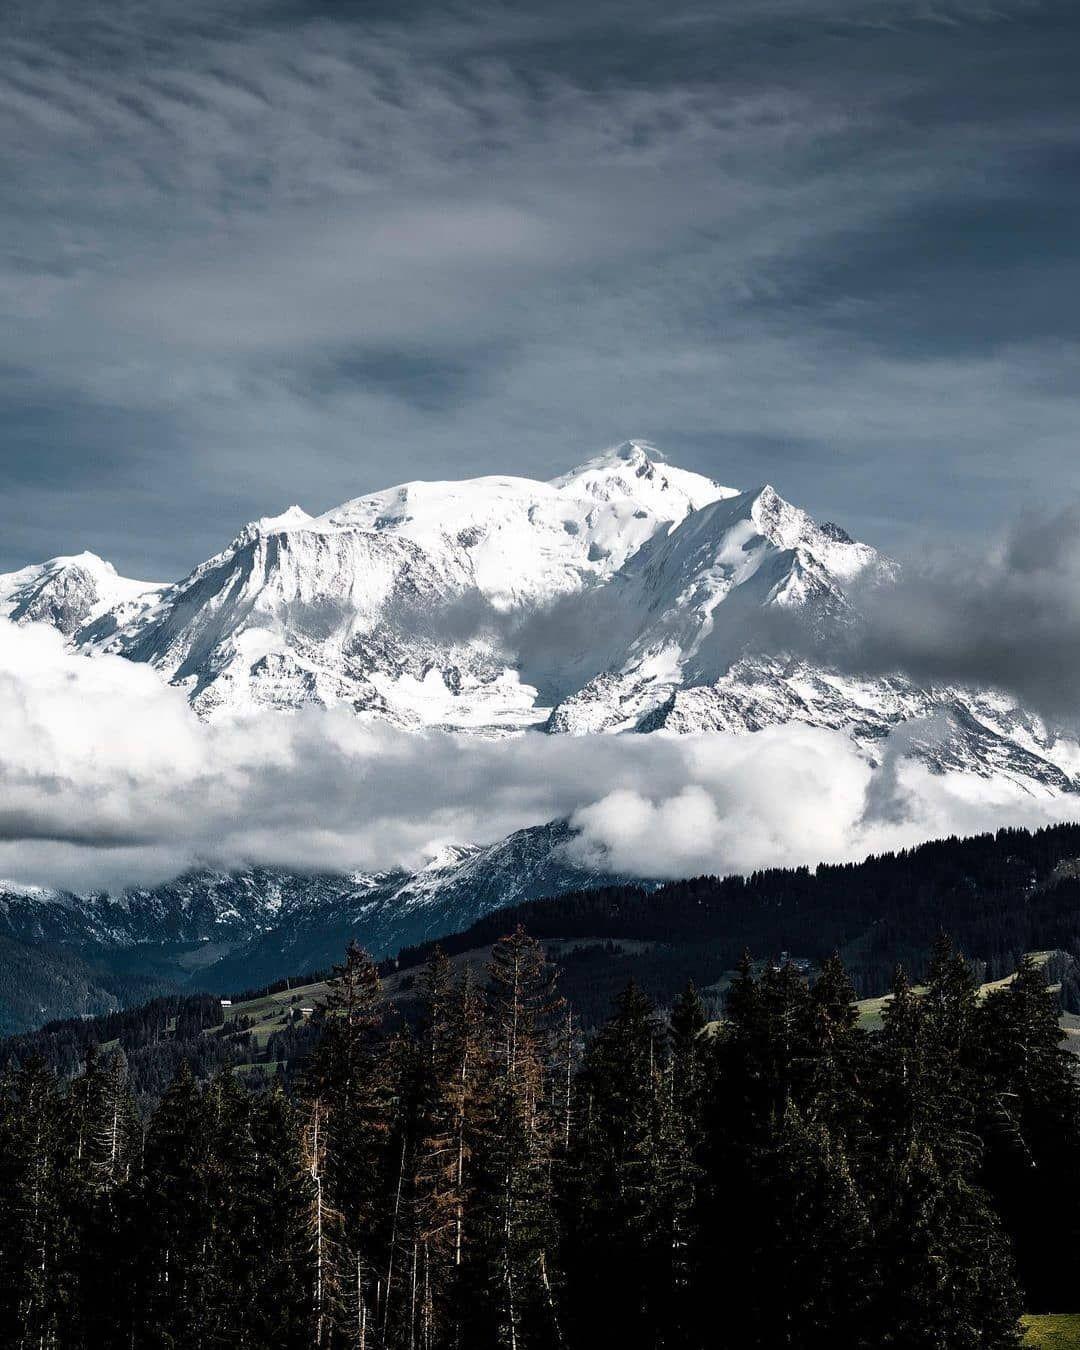 Combloux On Instagram Une Emotion Indefectible Felicitations A Charlie Palona Pour Cette Combloux Montagne Mou En 2020 Combloux Haute Savoie Instagram